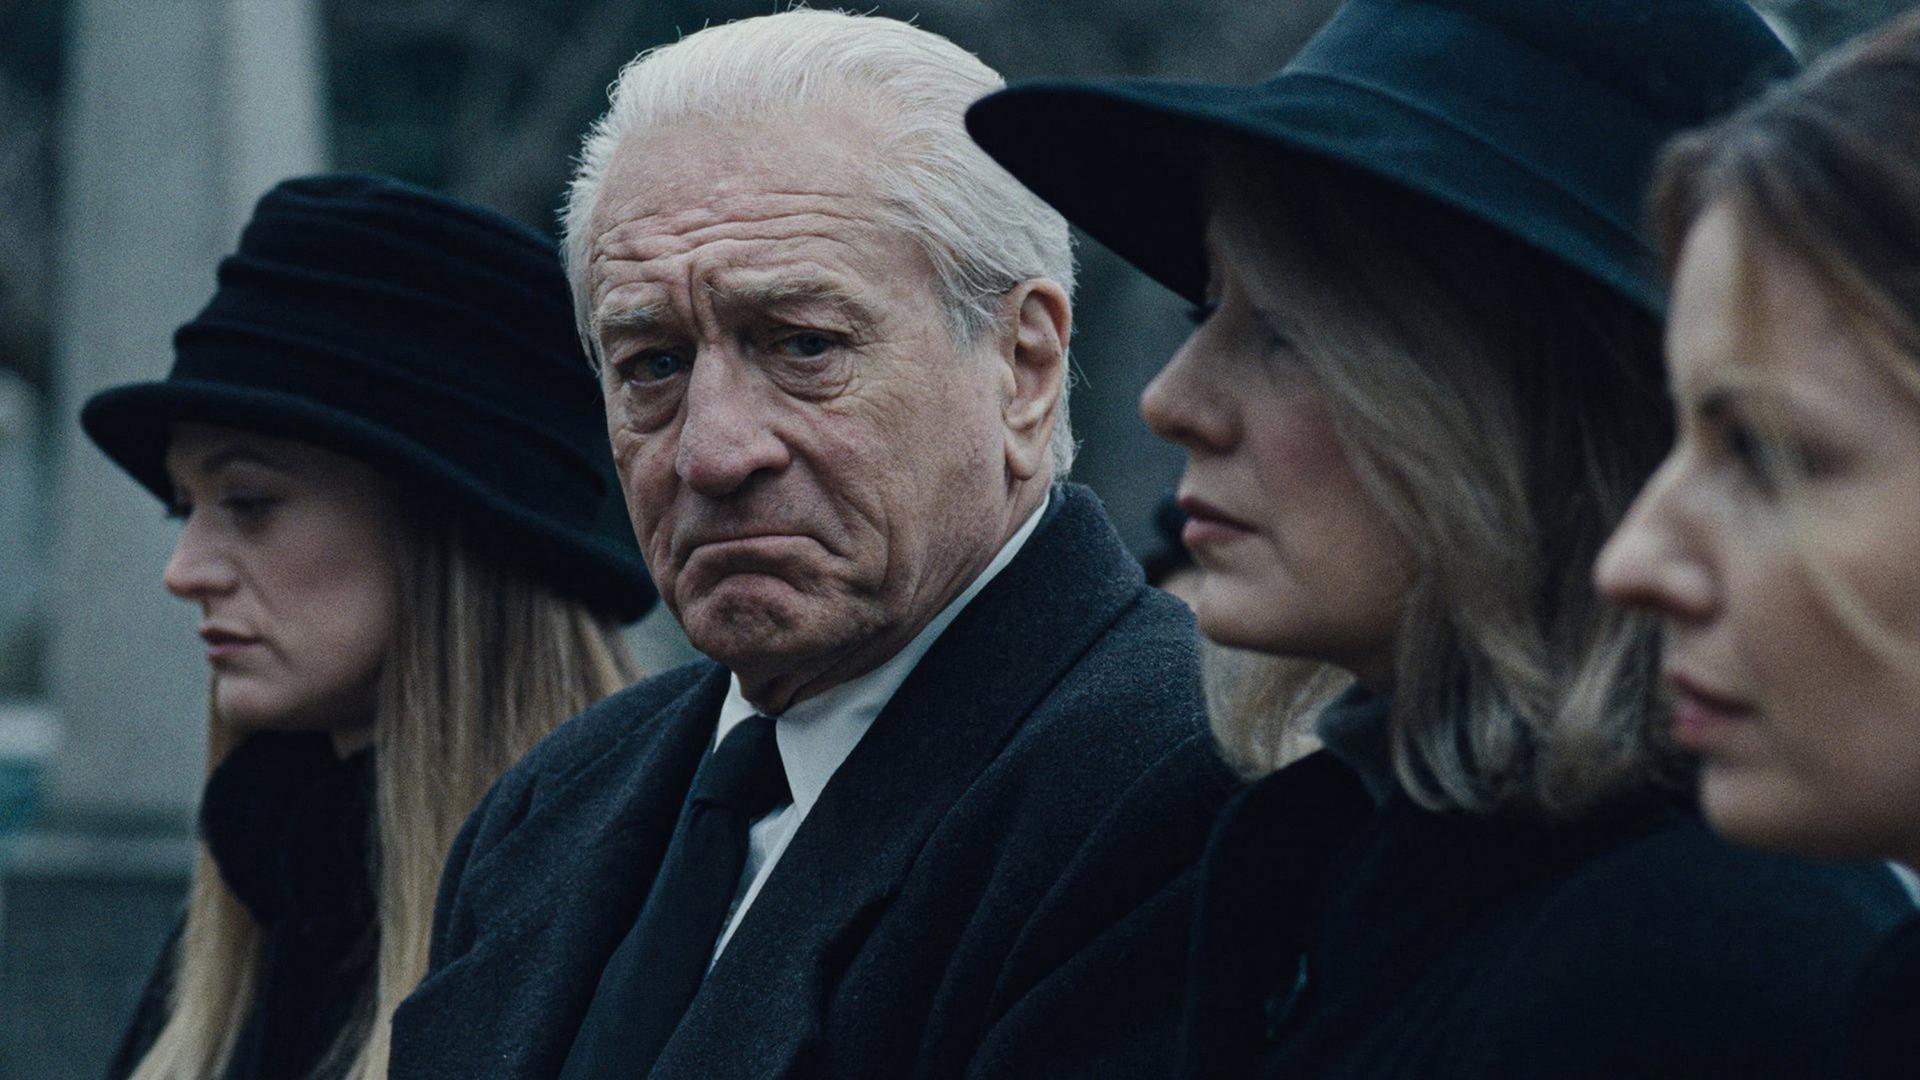 【独家】【何止电影】超强阵容,超高水准,实在想不出,有什么理由不看它《爱尔兰人》